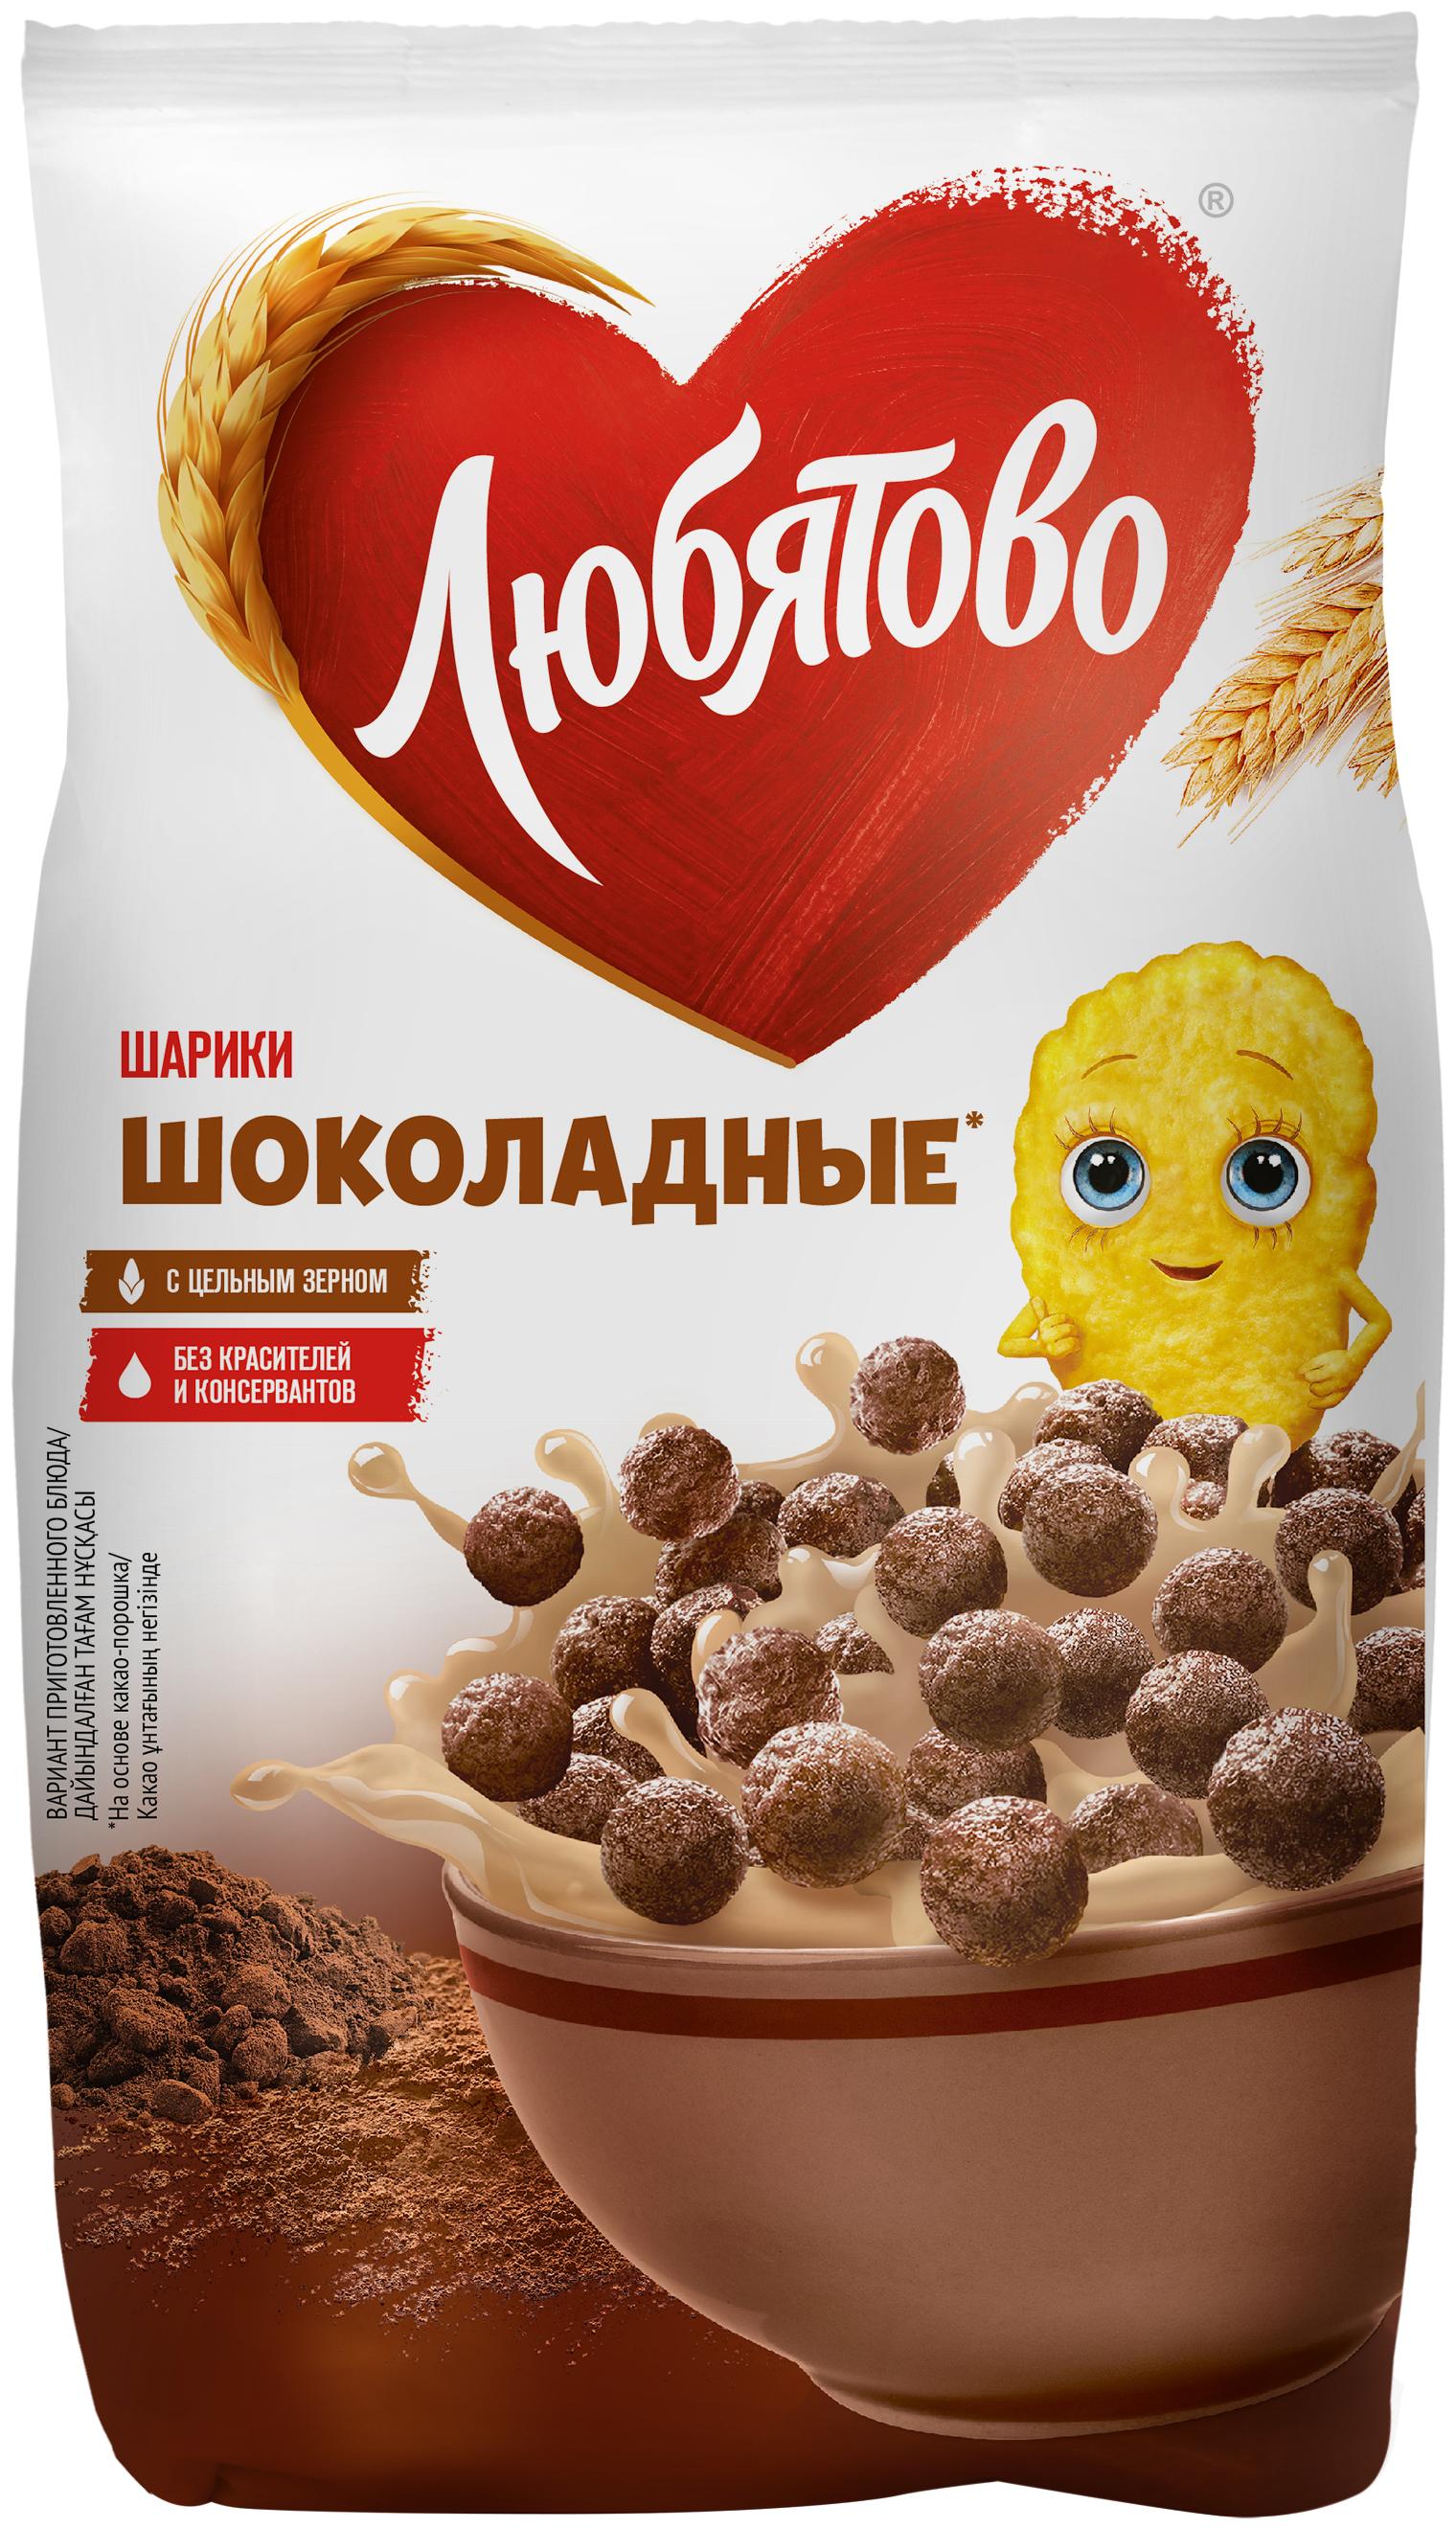 Купить Готовый завтрак Любятово Шарики шоколадные, пакет, 200 г по низкой цене с доставкой из Яндекс.Маркета